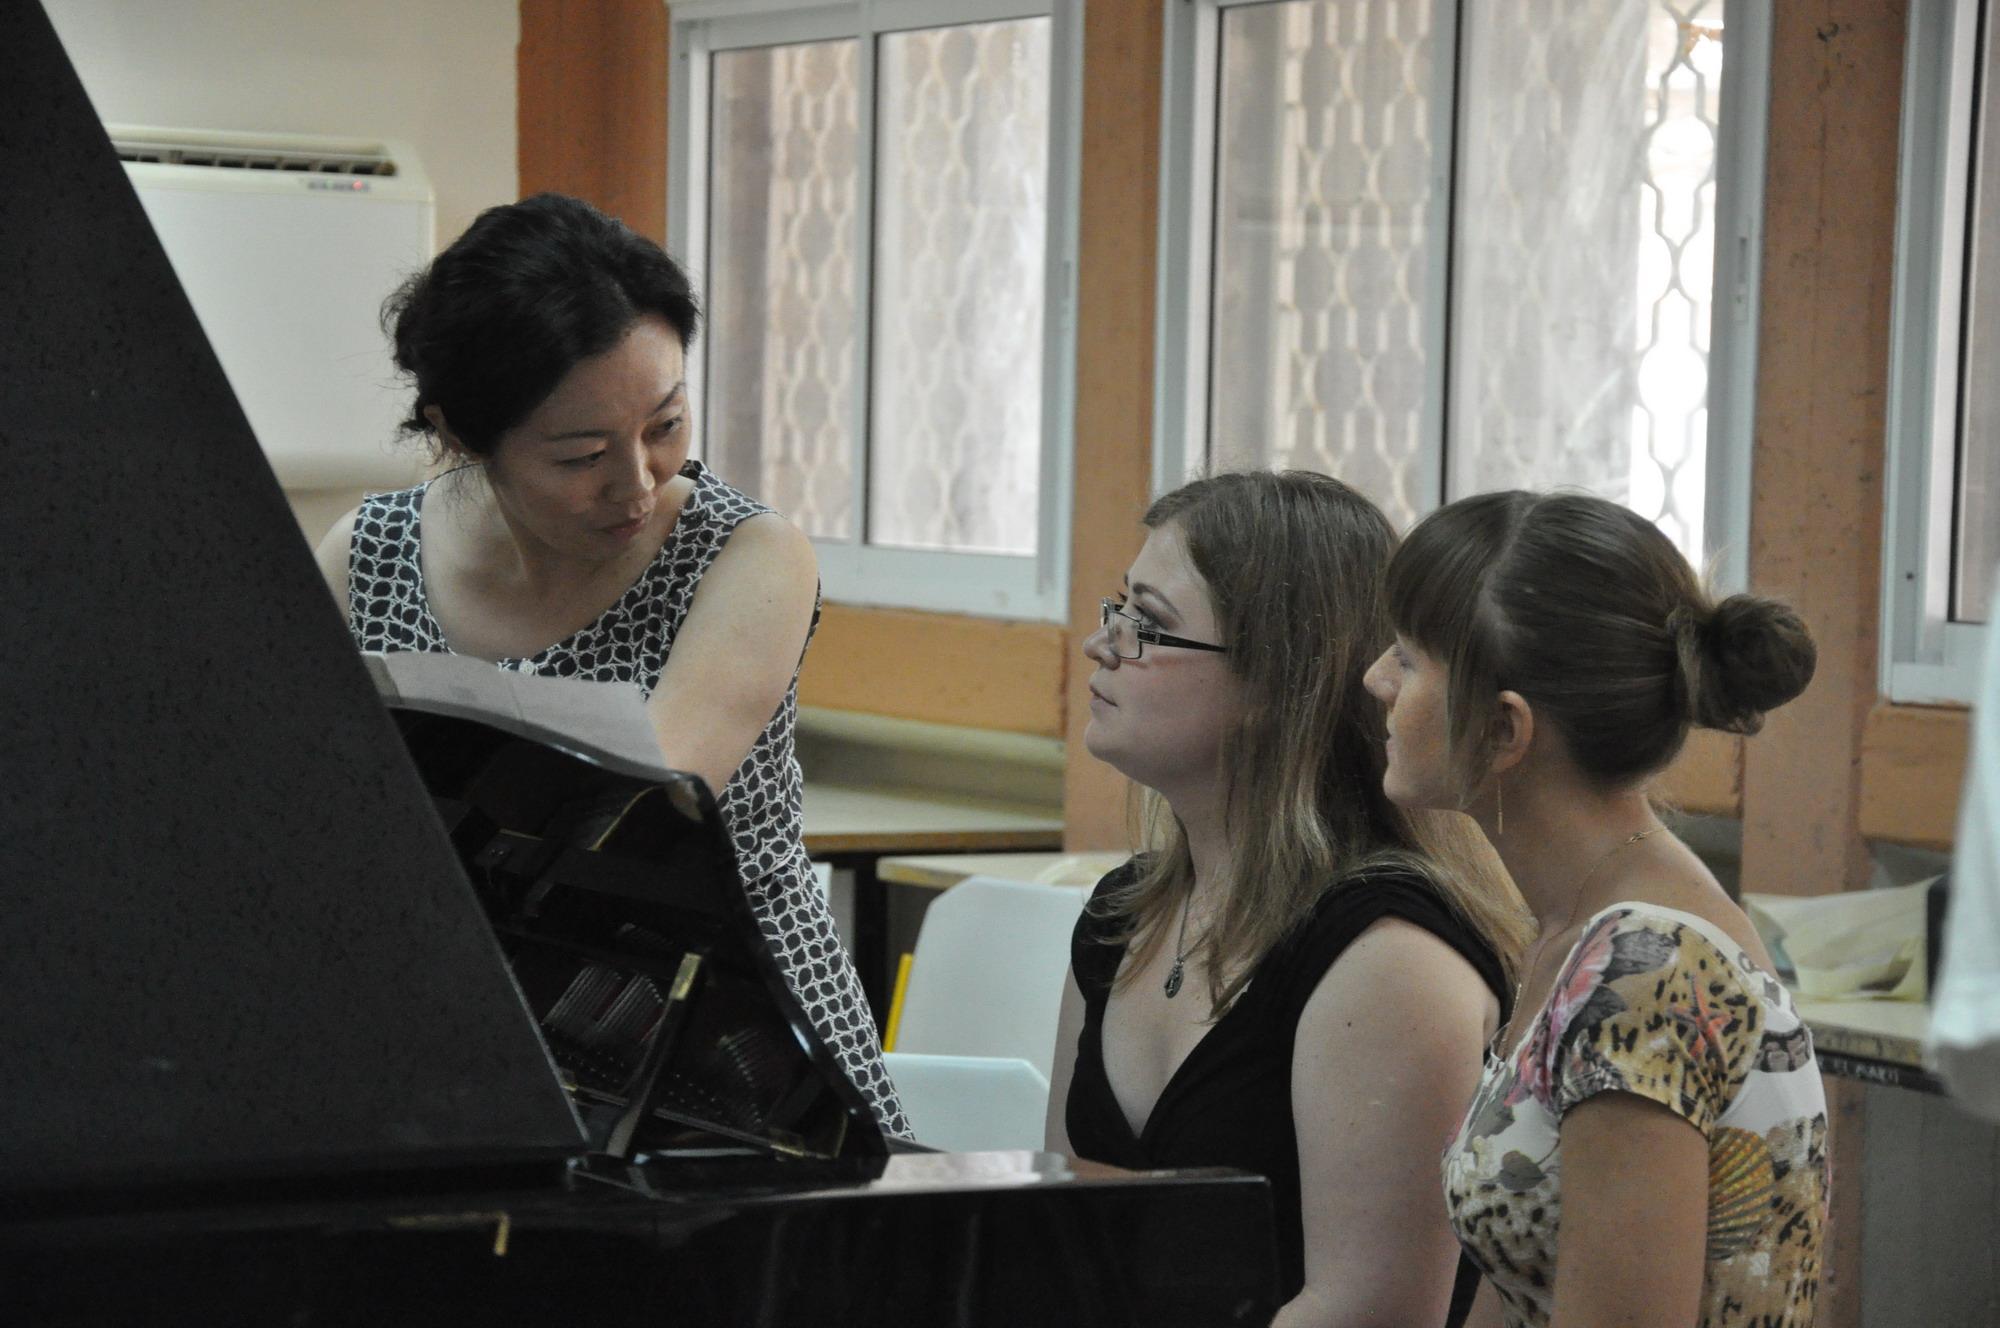 Международные фортепианные мастер-классы «Тель-Хай». С 31 июля по 17 августа в кибуце Сде-Бокер